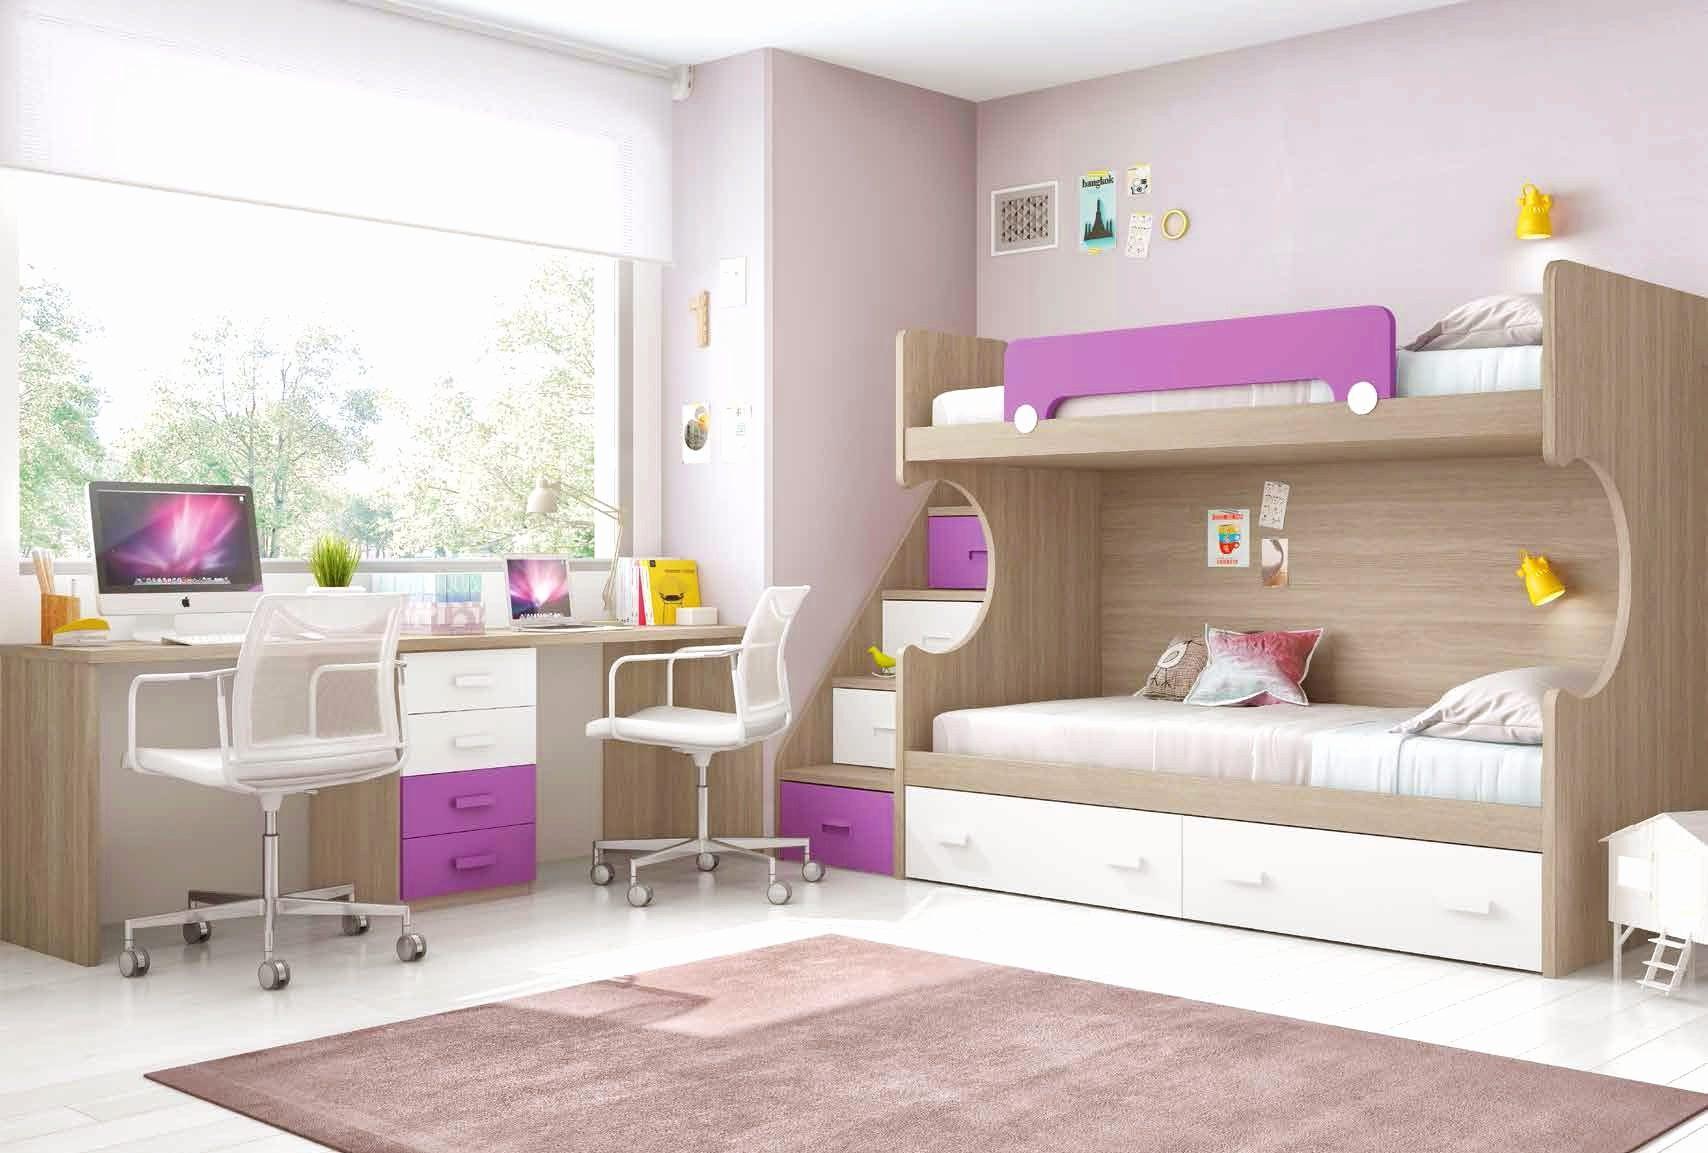 lit superpos bas meilleur de lit superpos fille g nial. Black Bedroom Furniture Sets. Home Design Ideas